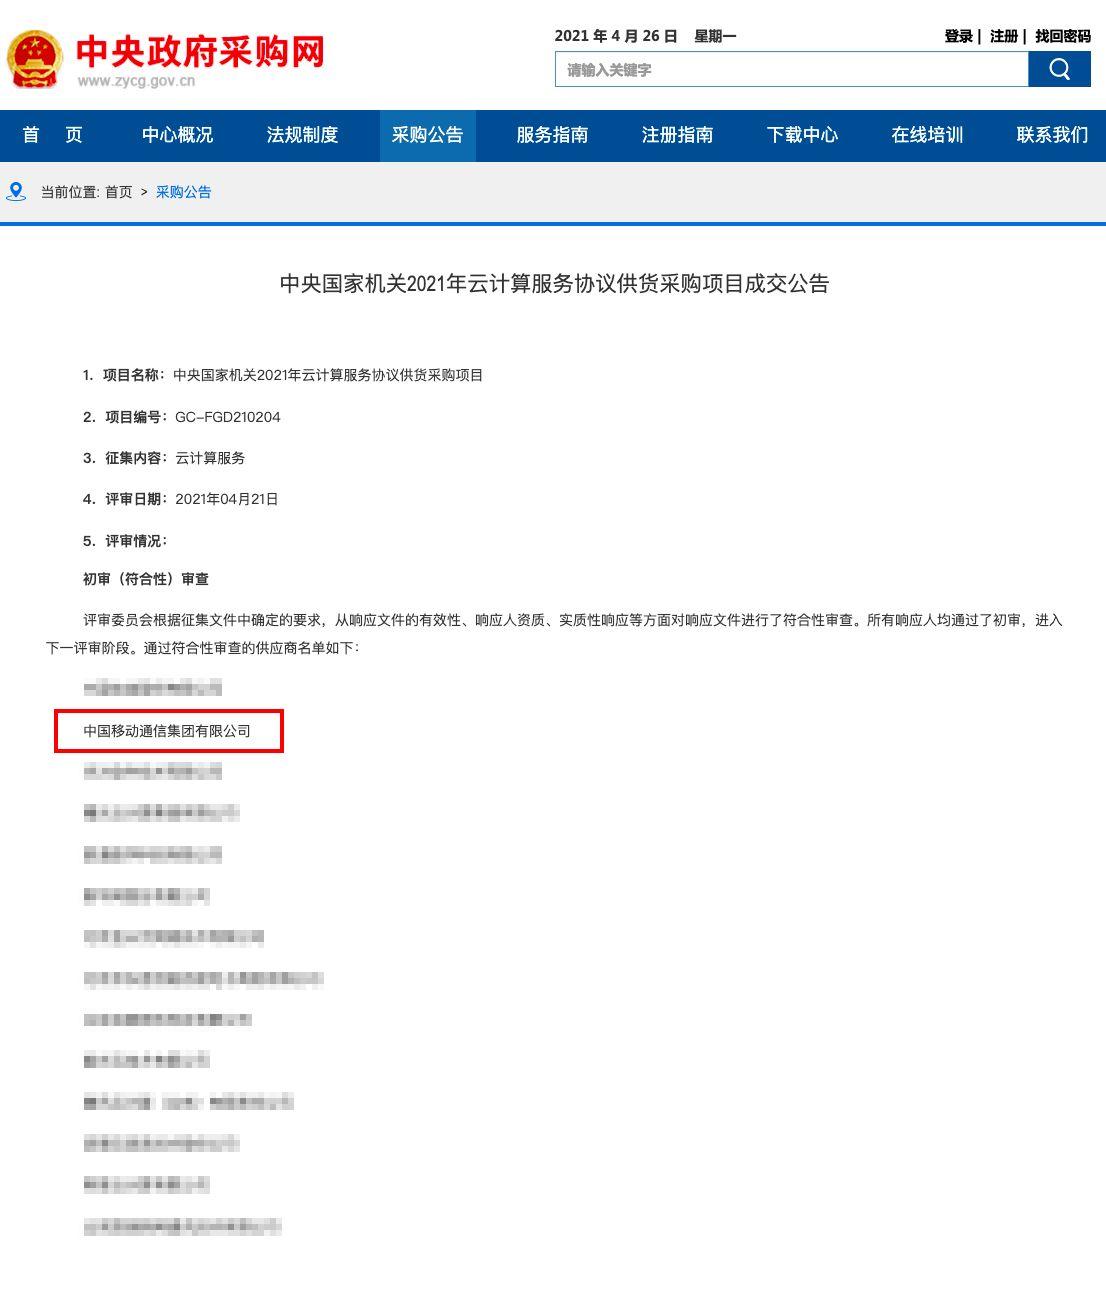 """喜讯!移动云200余款产品入围""""中央国家机关云服务采购项目""""!"""